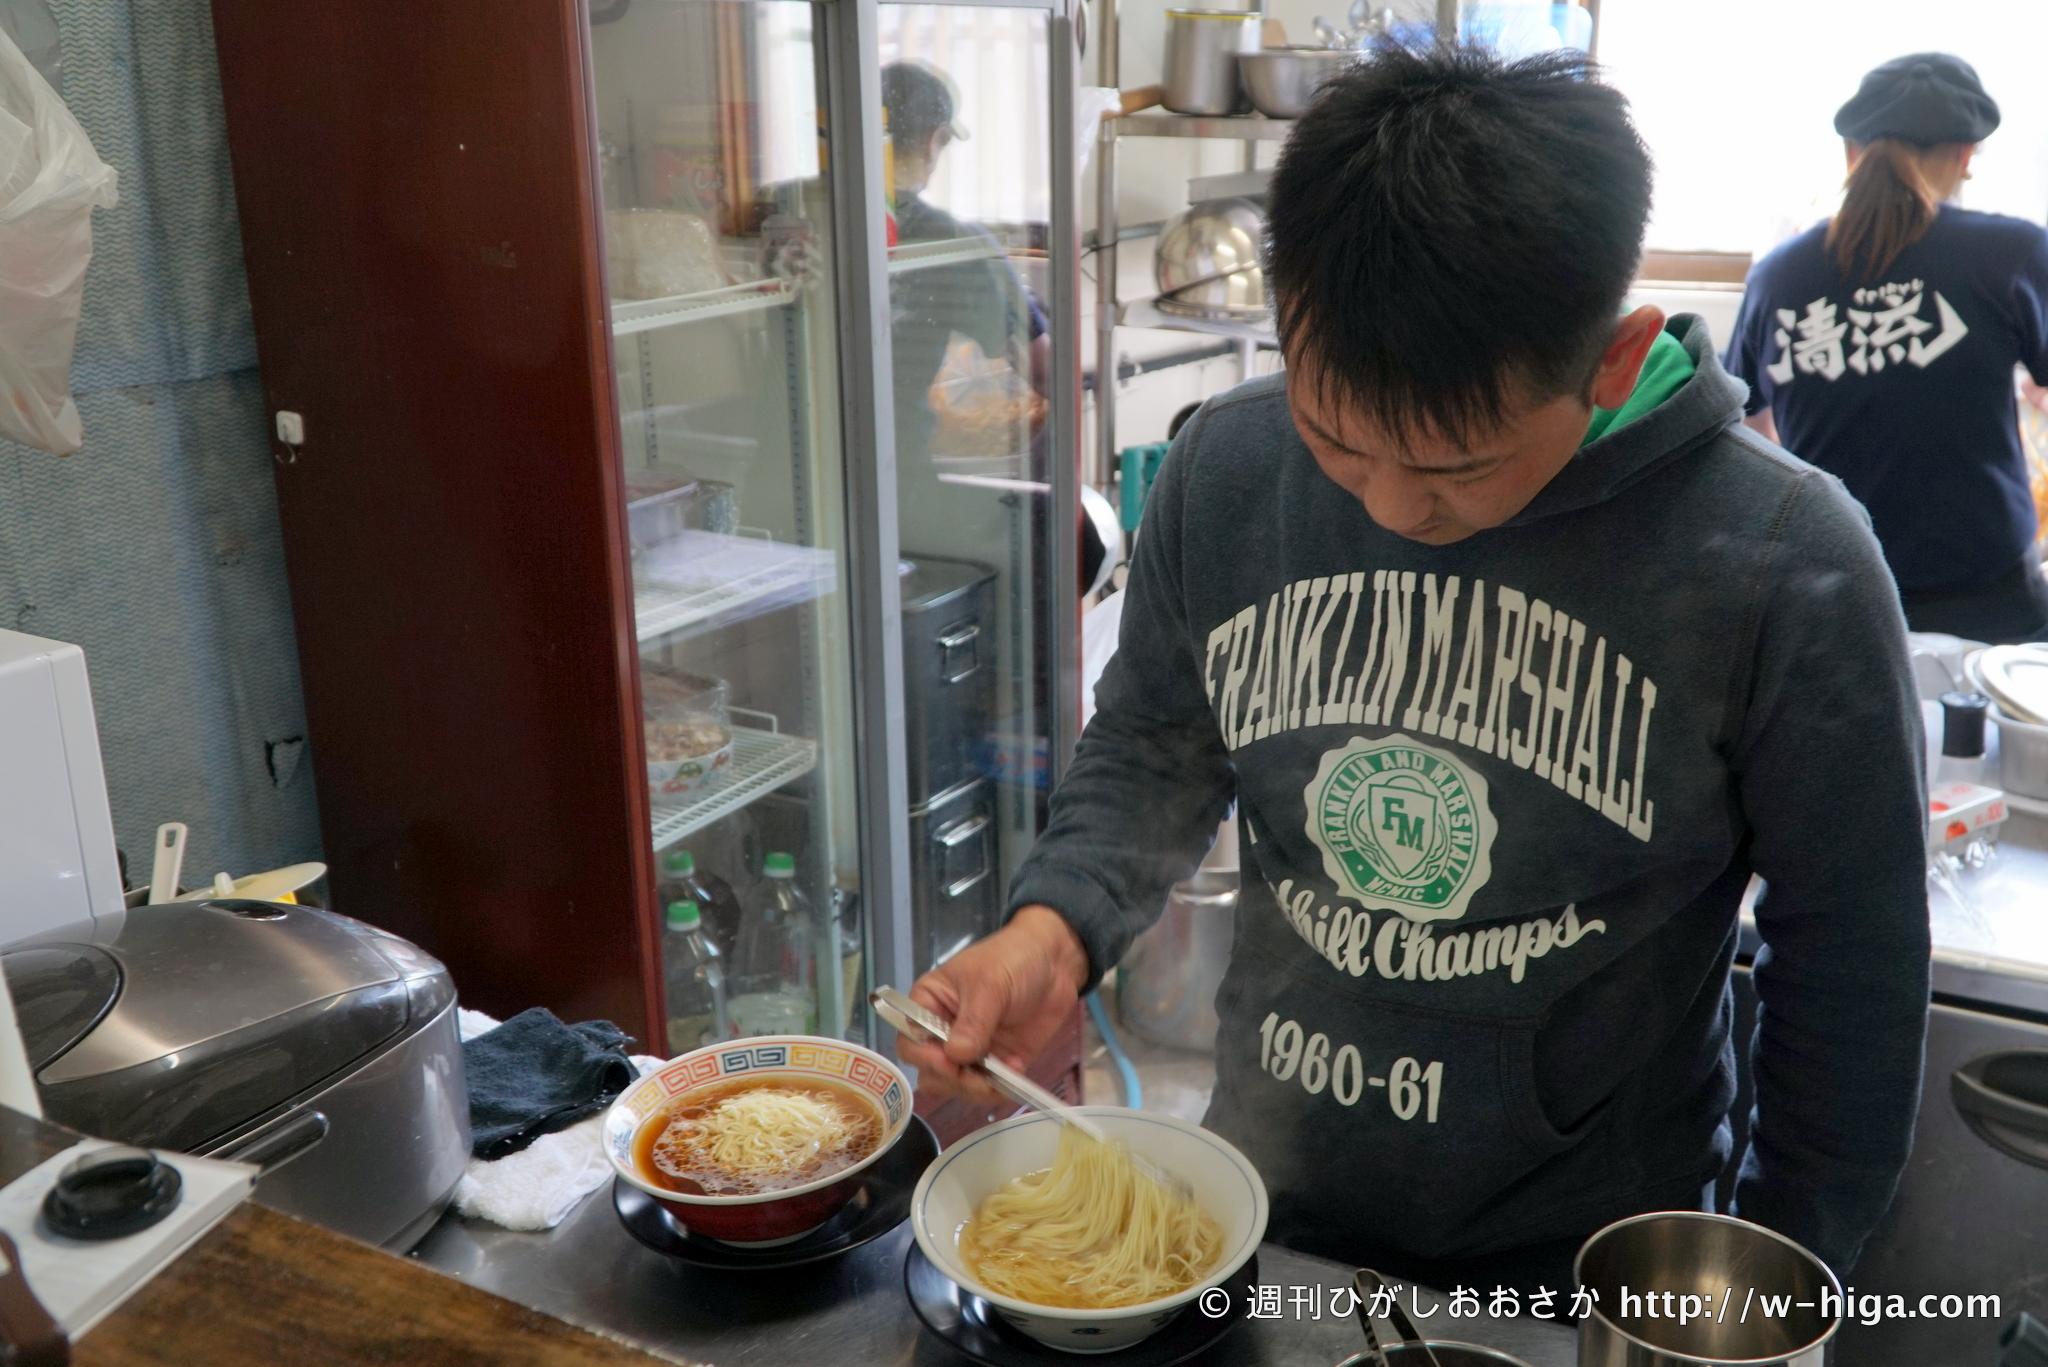 眼光鋭いラーメン侍、麺や清流が持つ刀は切れ味抜群「あっさりラーメン塩」